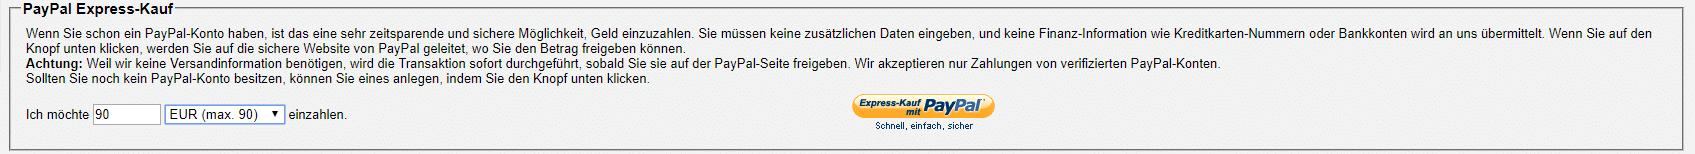 Bitcoin mit PayPal Expresskauf einkaufen